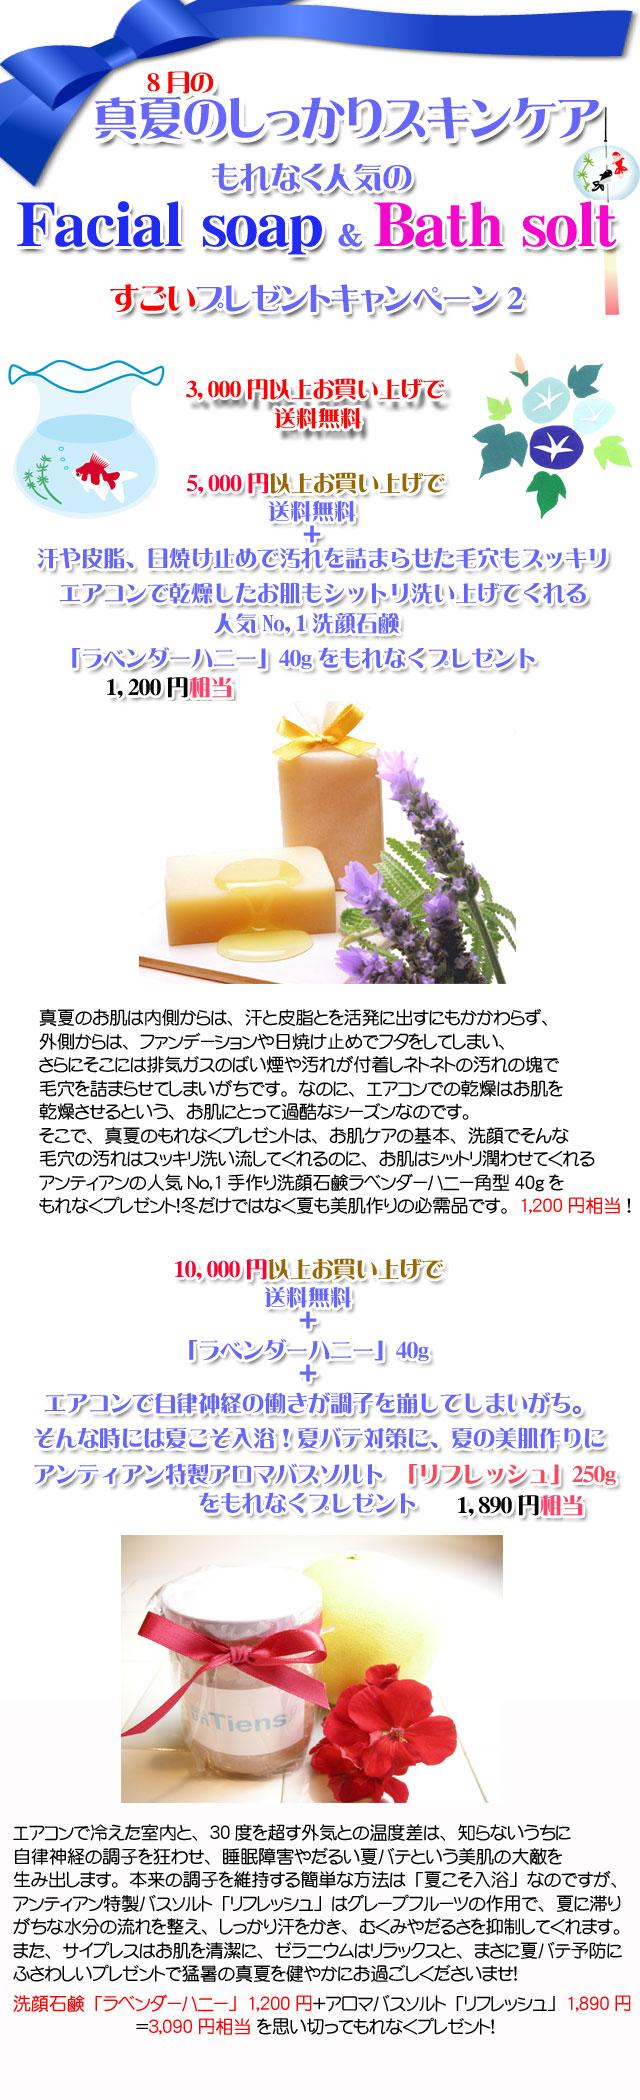 手作り石鹸アンティアンの8月のキャンペーンcopy